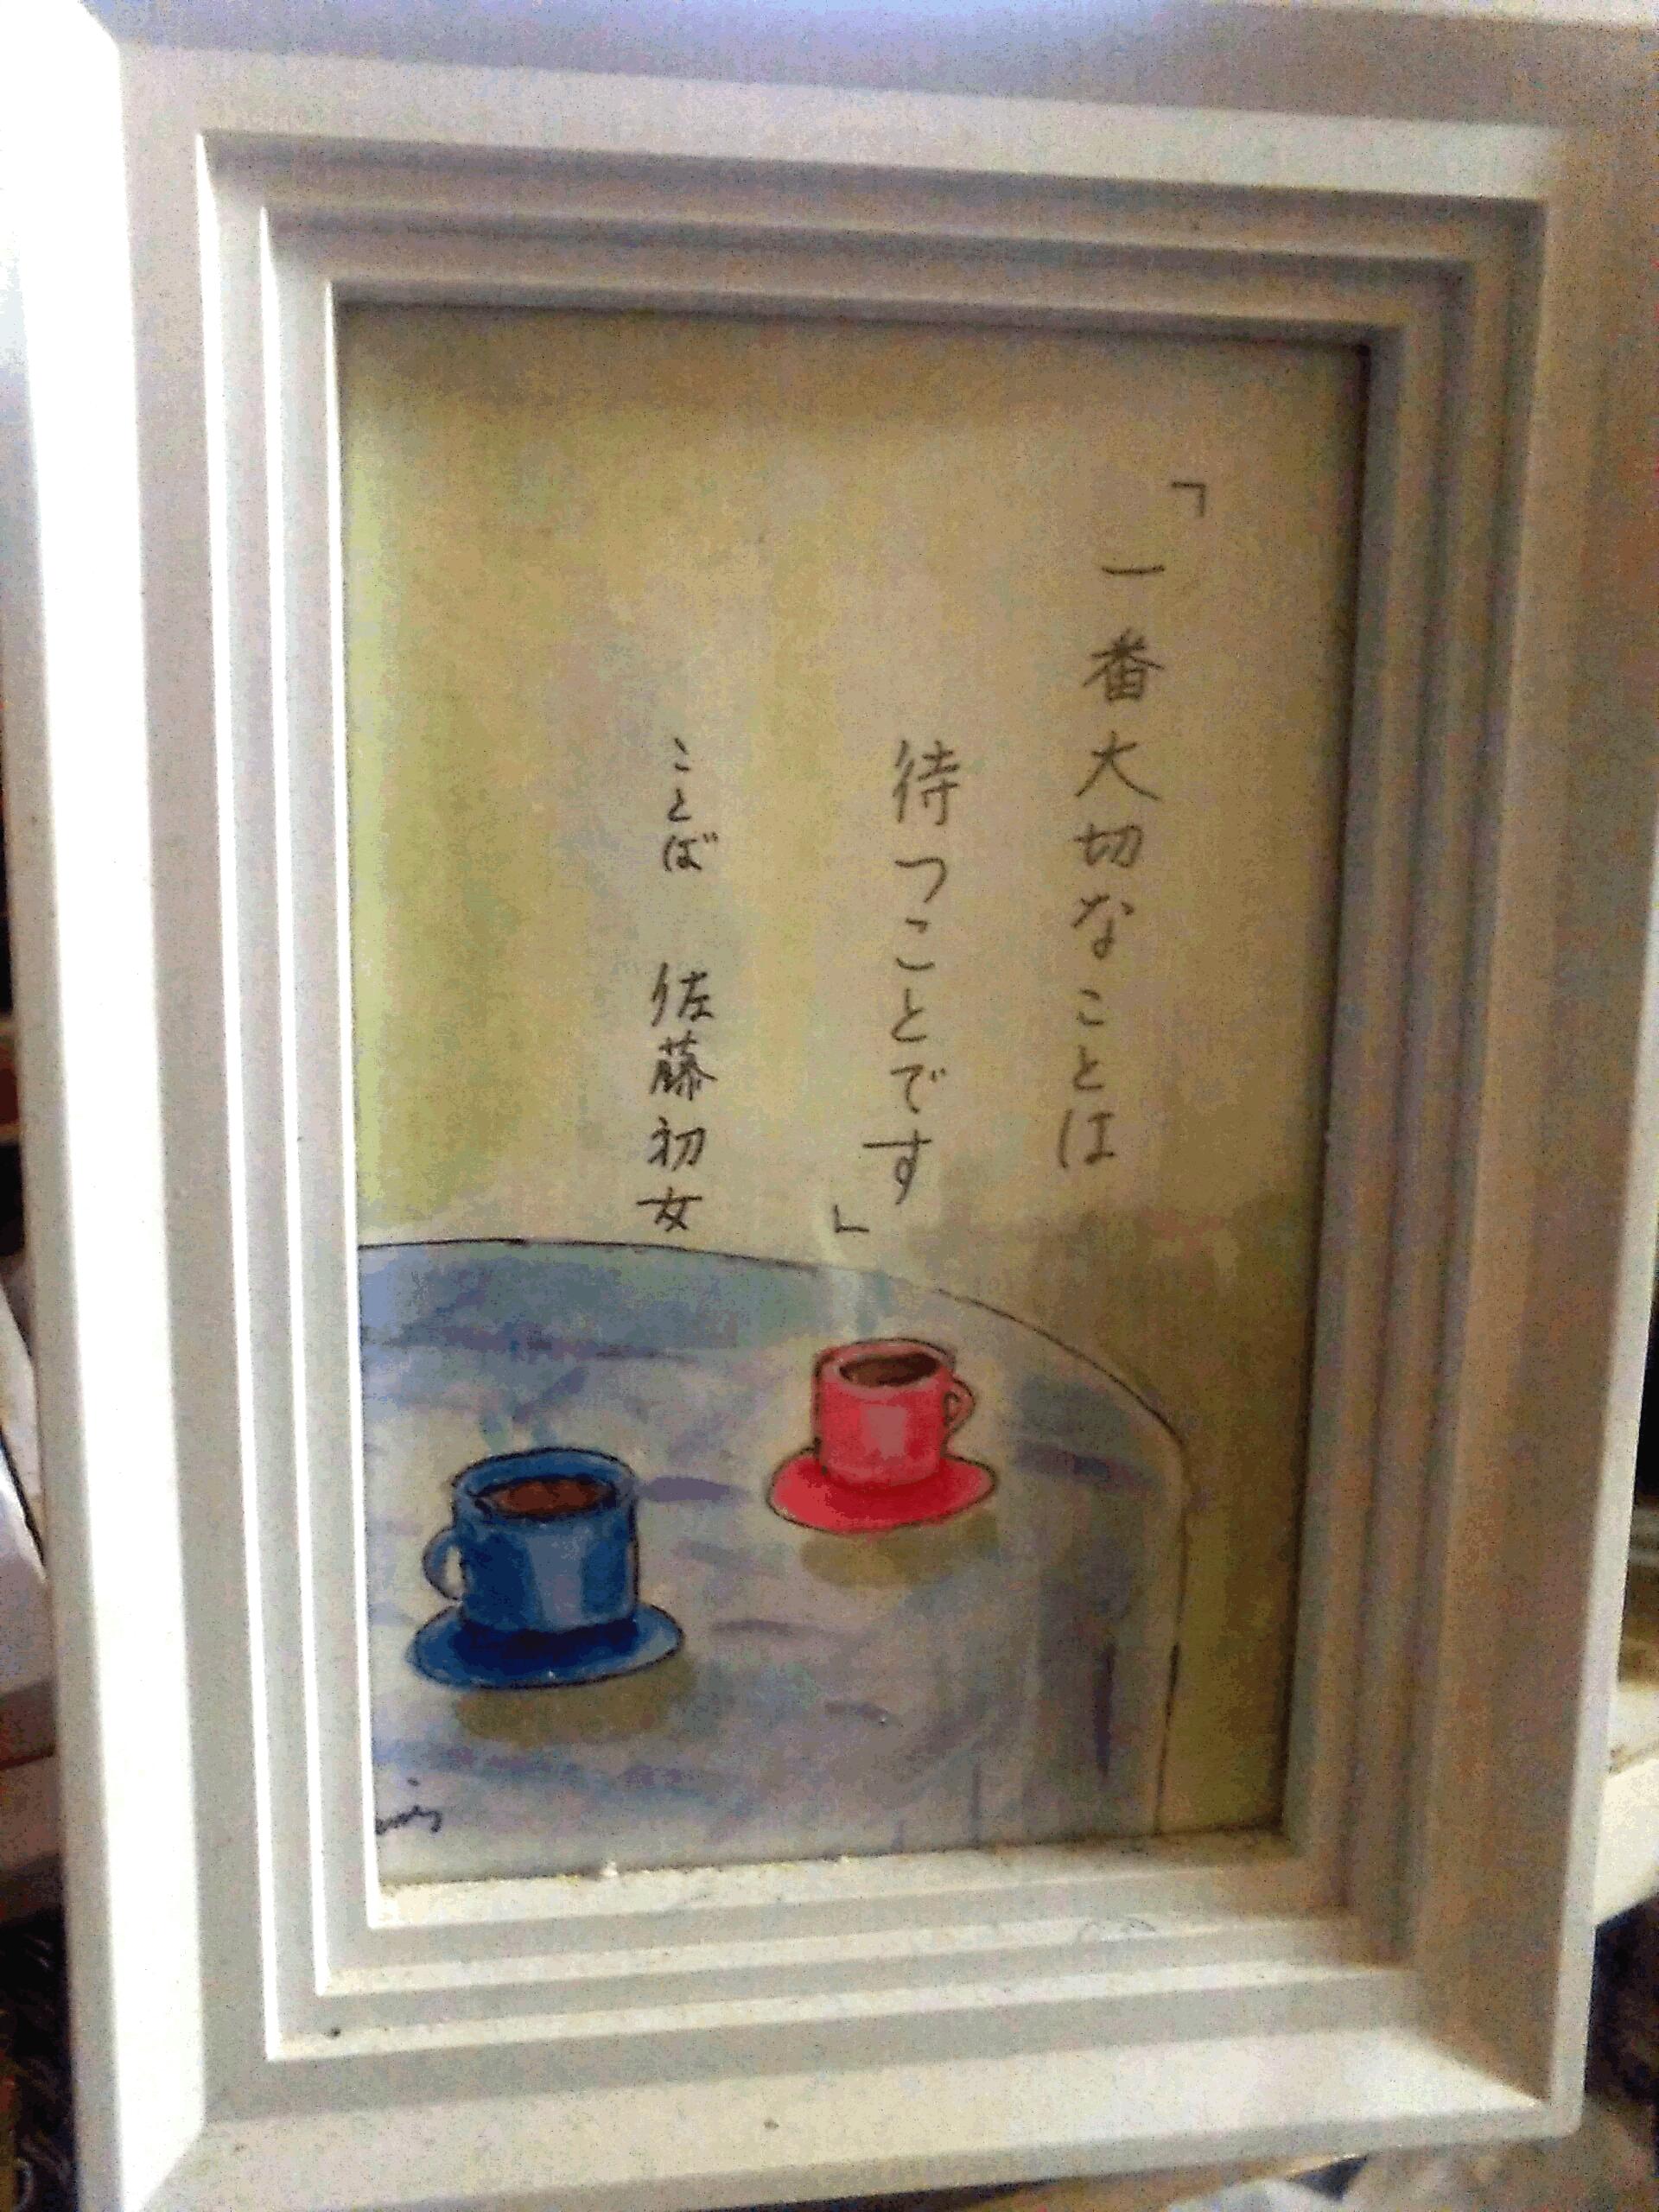 20180929011351 - 2月1日、佐藤初女先生命日